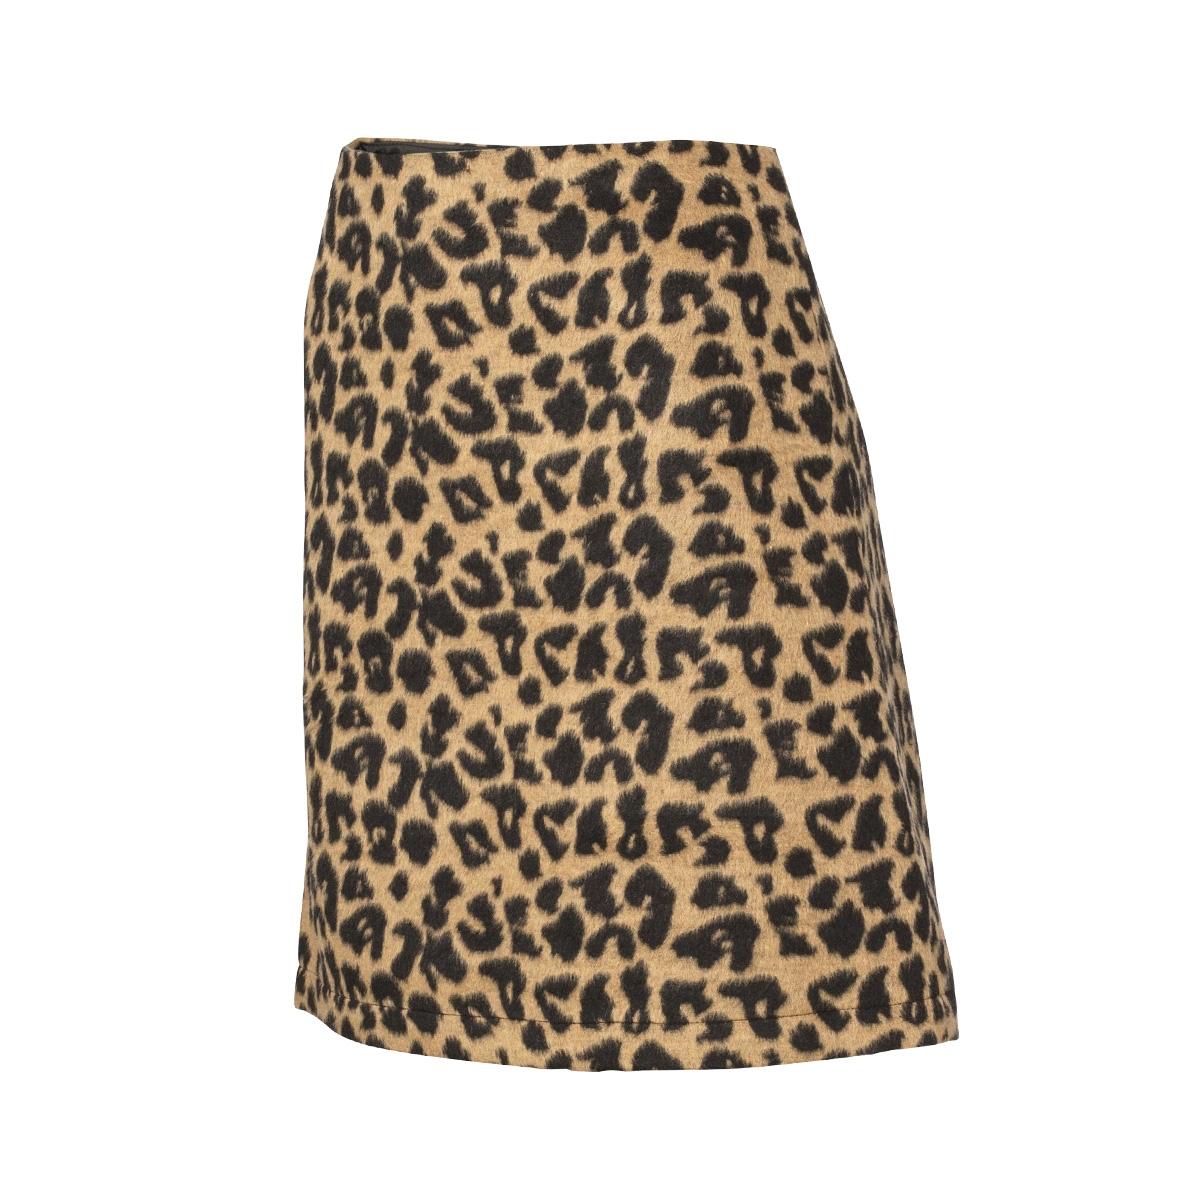 skirt aop leopard 96830 geisha rok panter